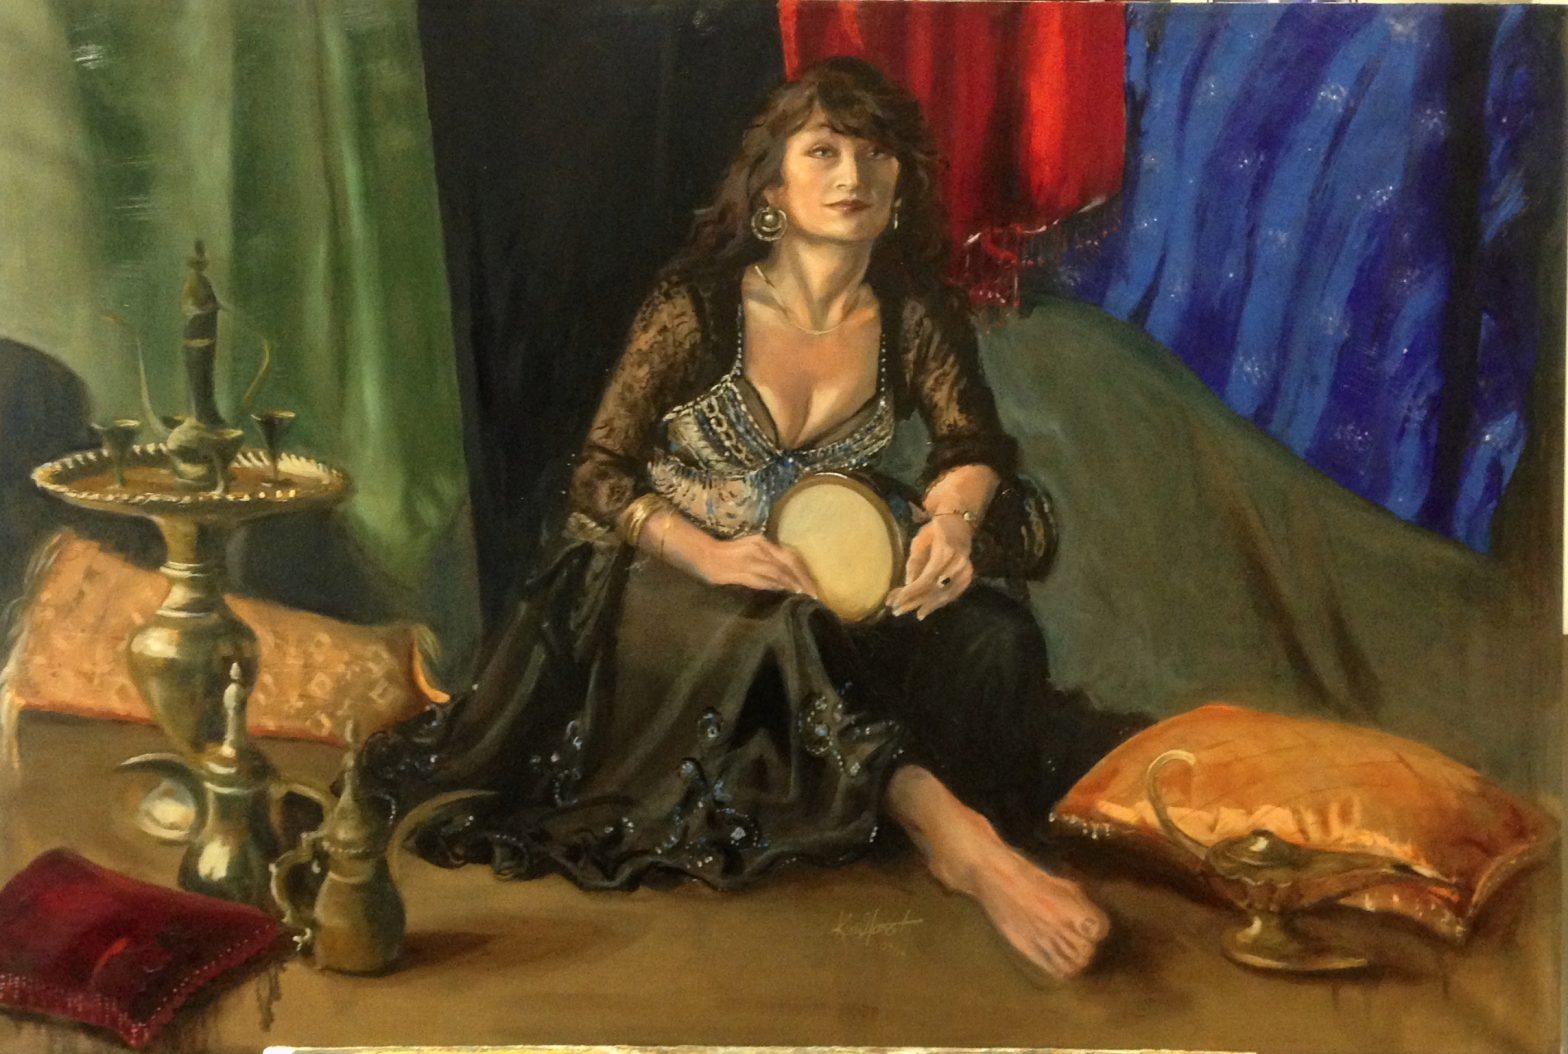 Carmen, private collection, Saudi Arabia